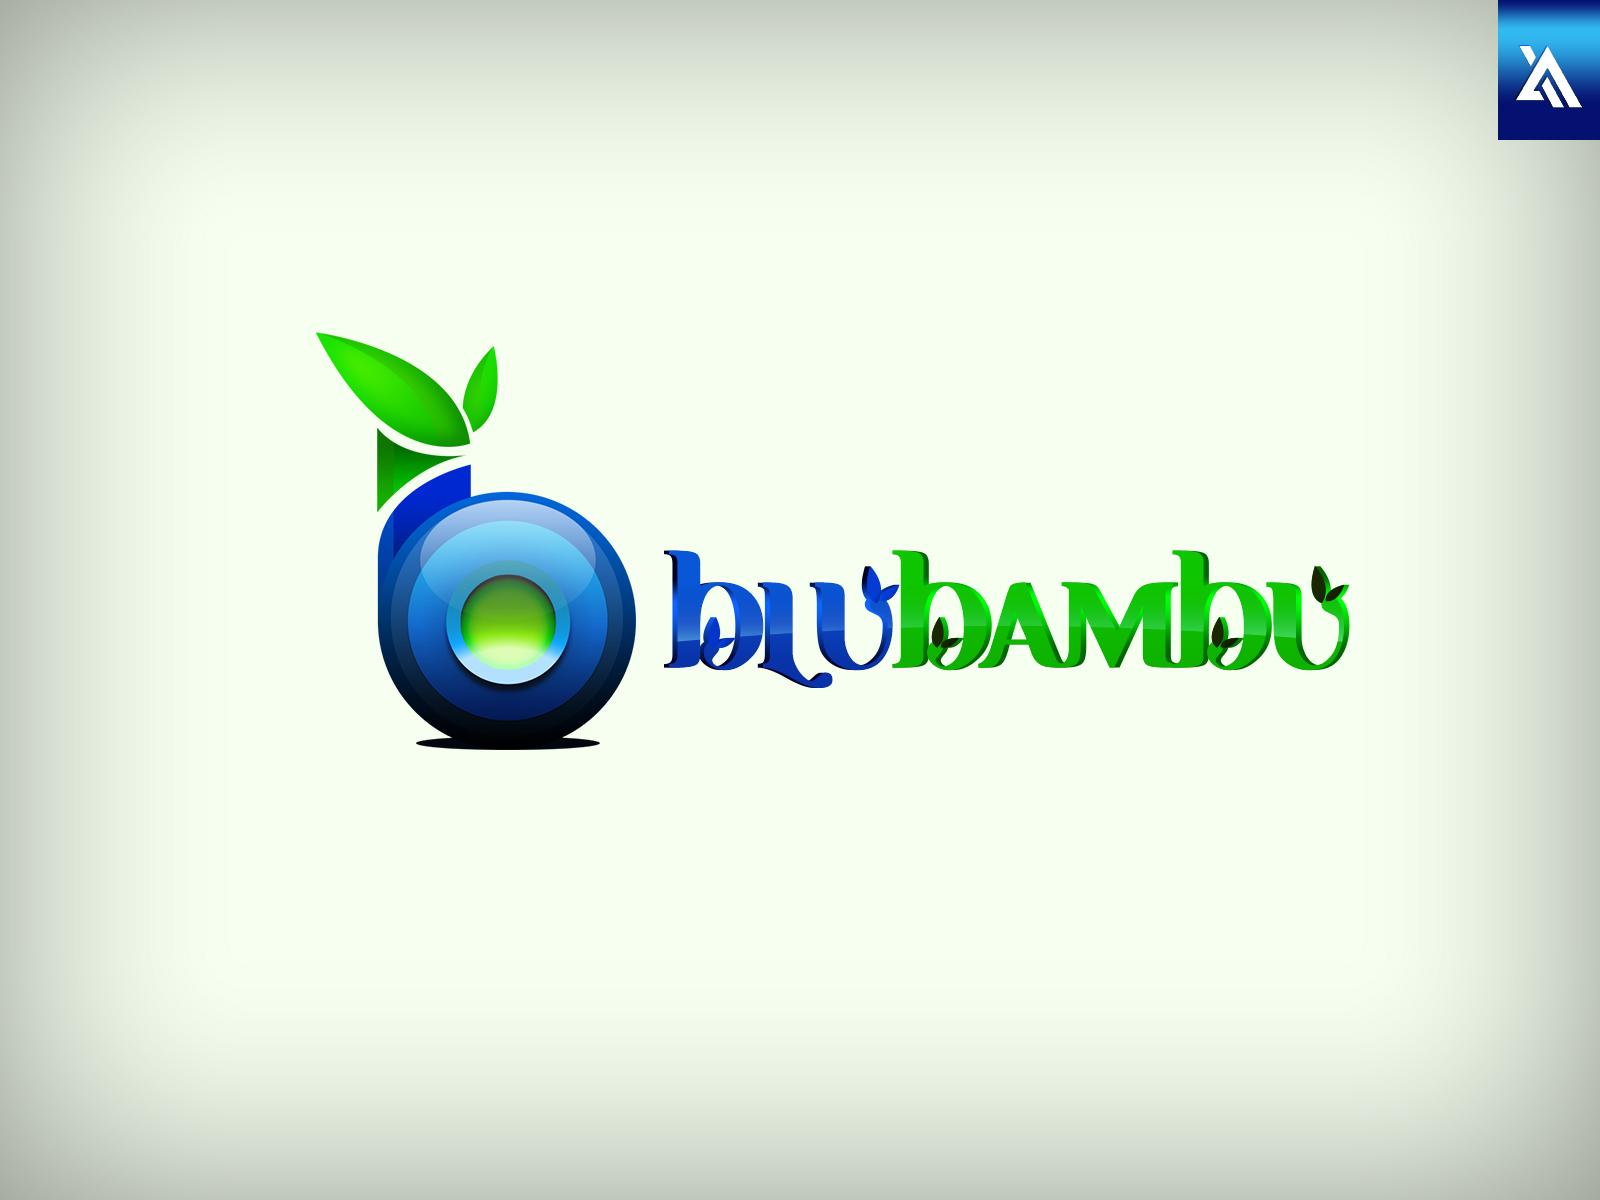 Logo Design by Virgilio Pineda III - Entry No. 87 in the Logo Design Contest New Logo Design for blubambu.